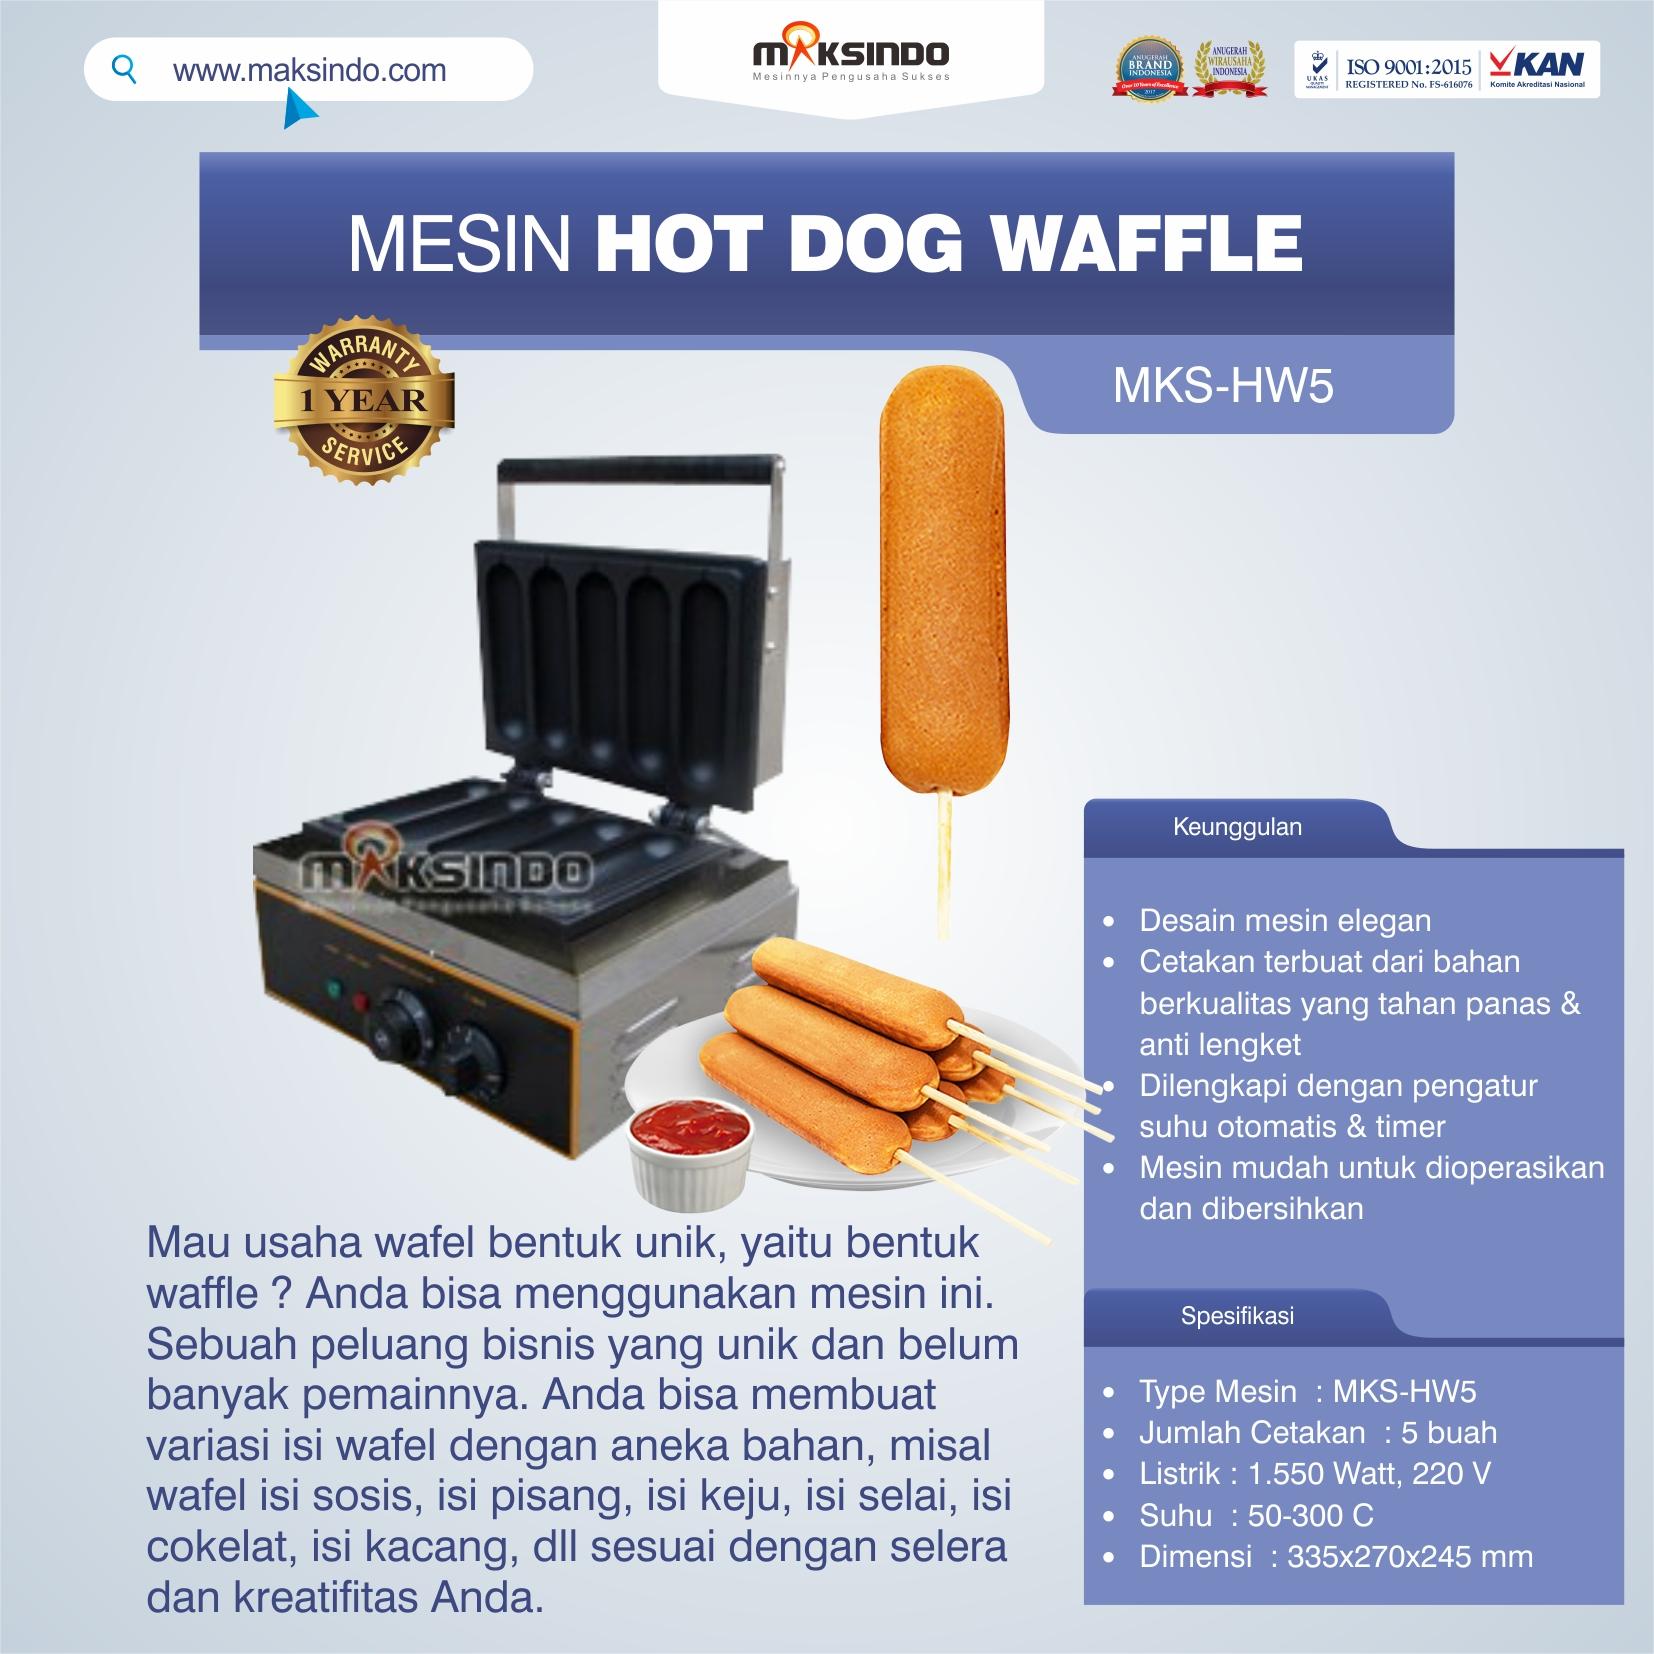 Jual Mesin Hot Dog Waffle MKS-HW5 di Bekasi